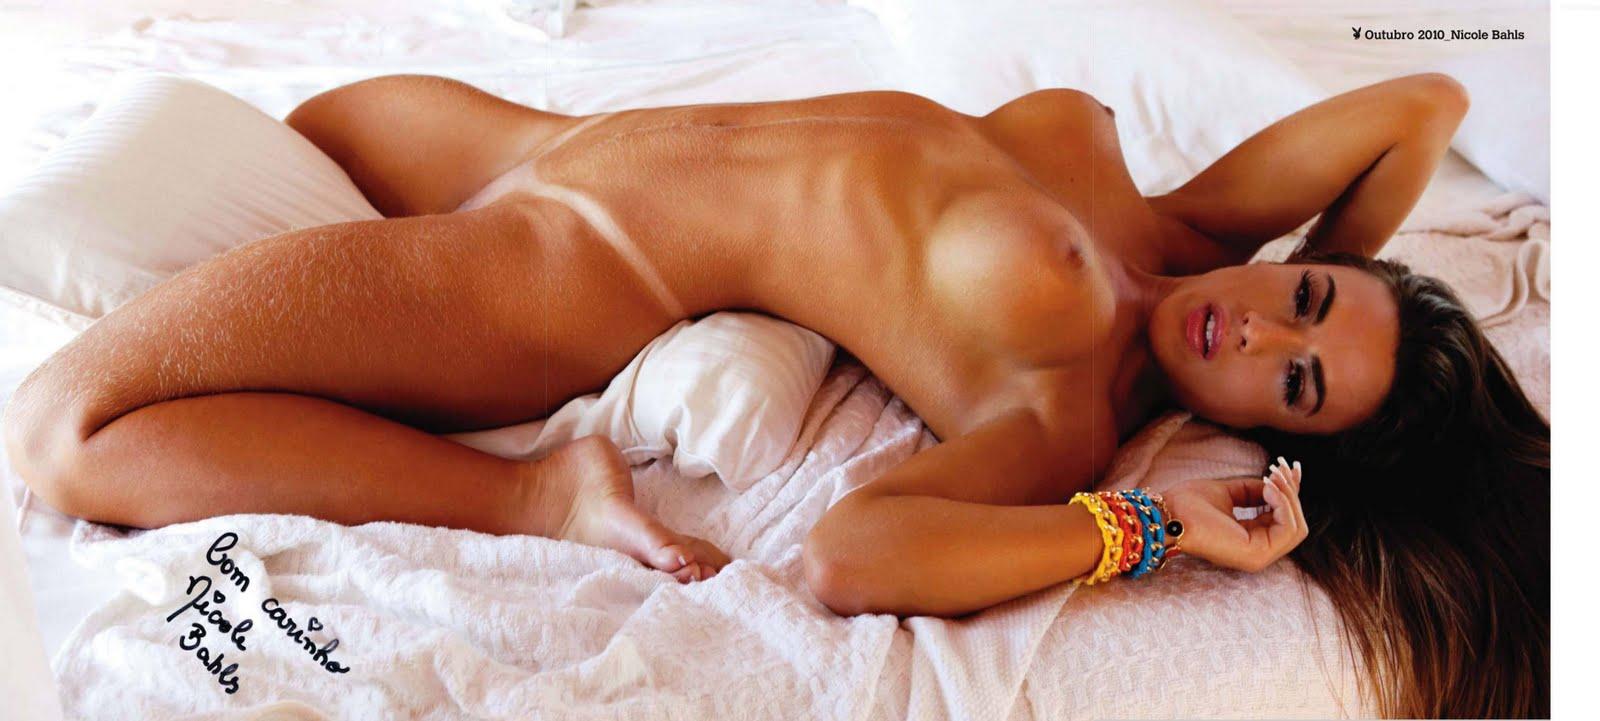 Nicole Bahls Nude Playboy